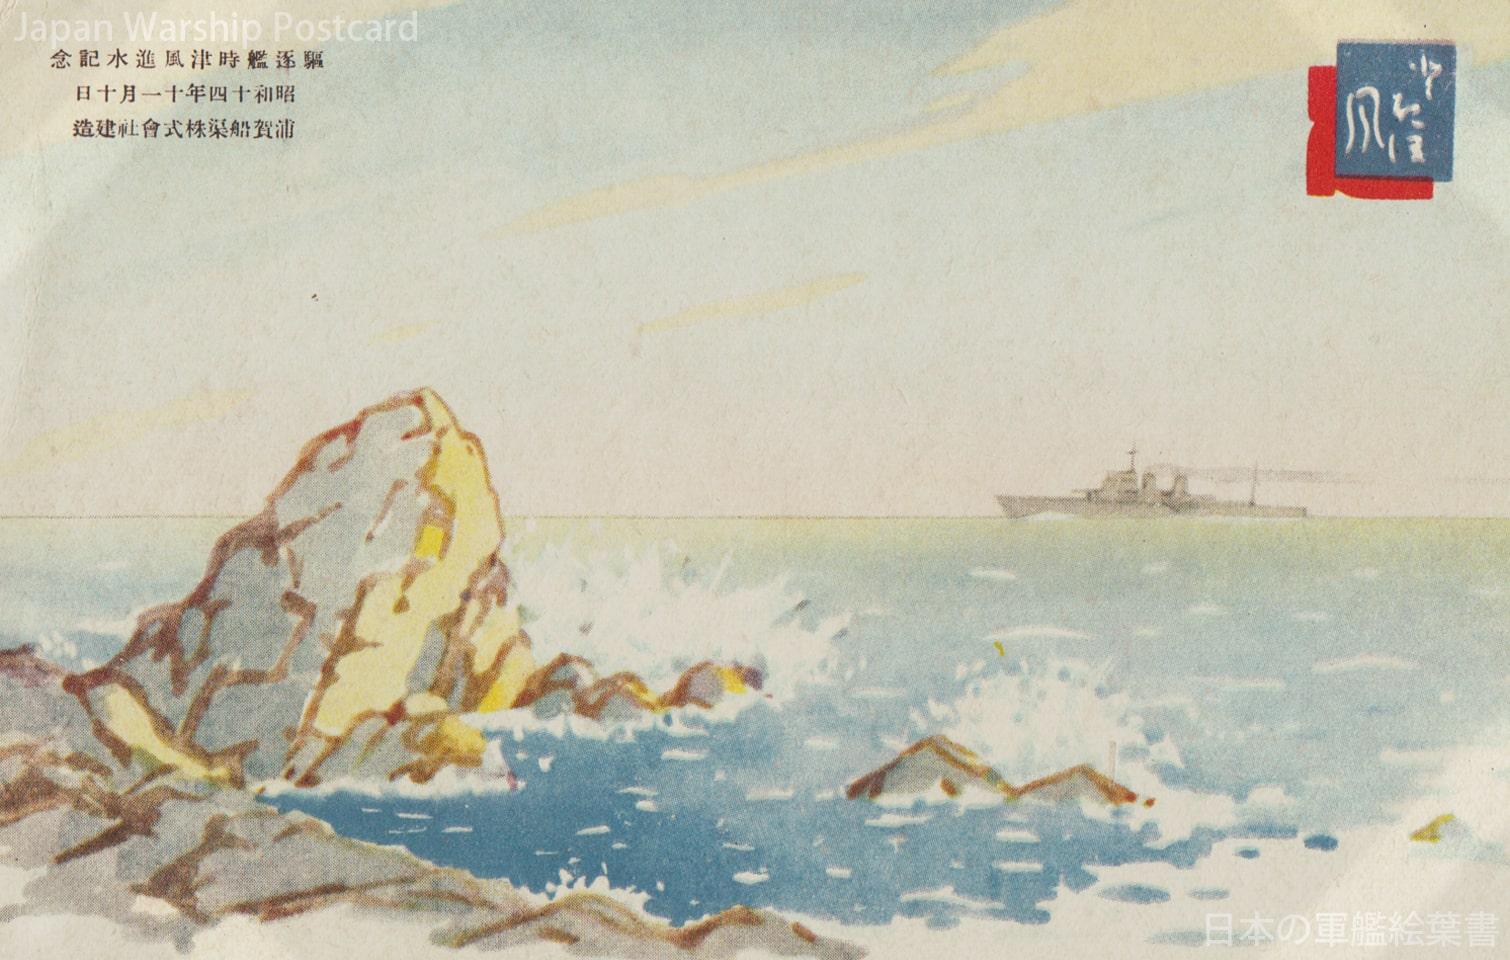 陽炎型駆逐艦「時津風」